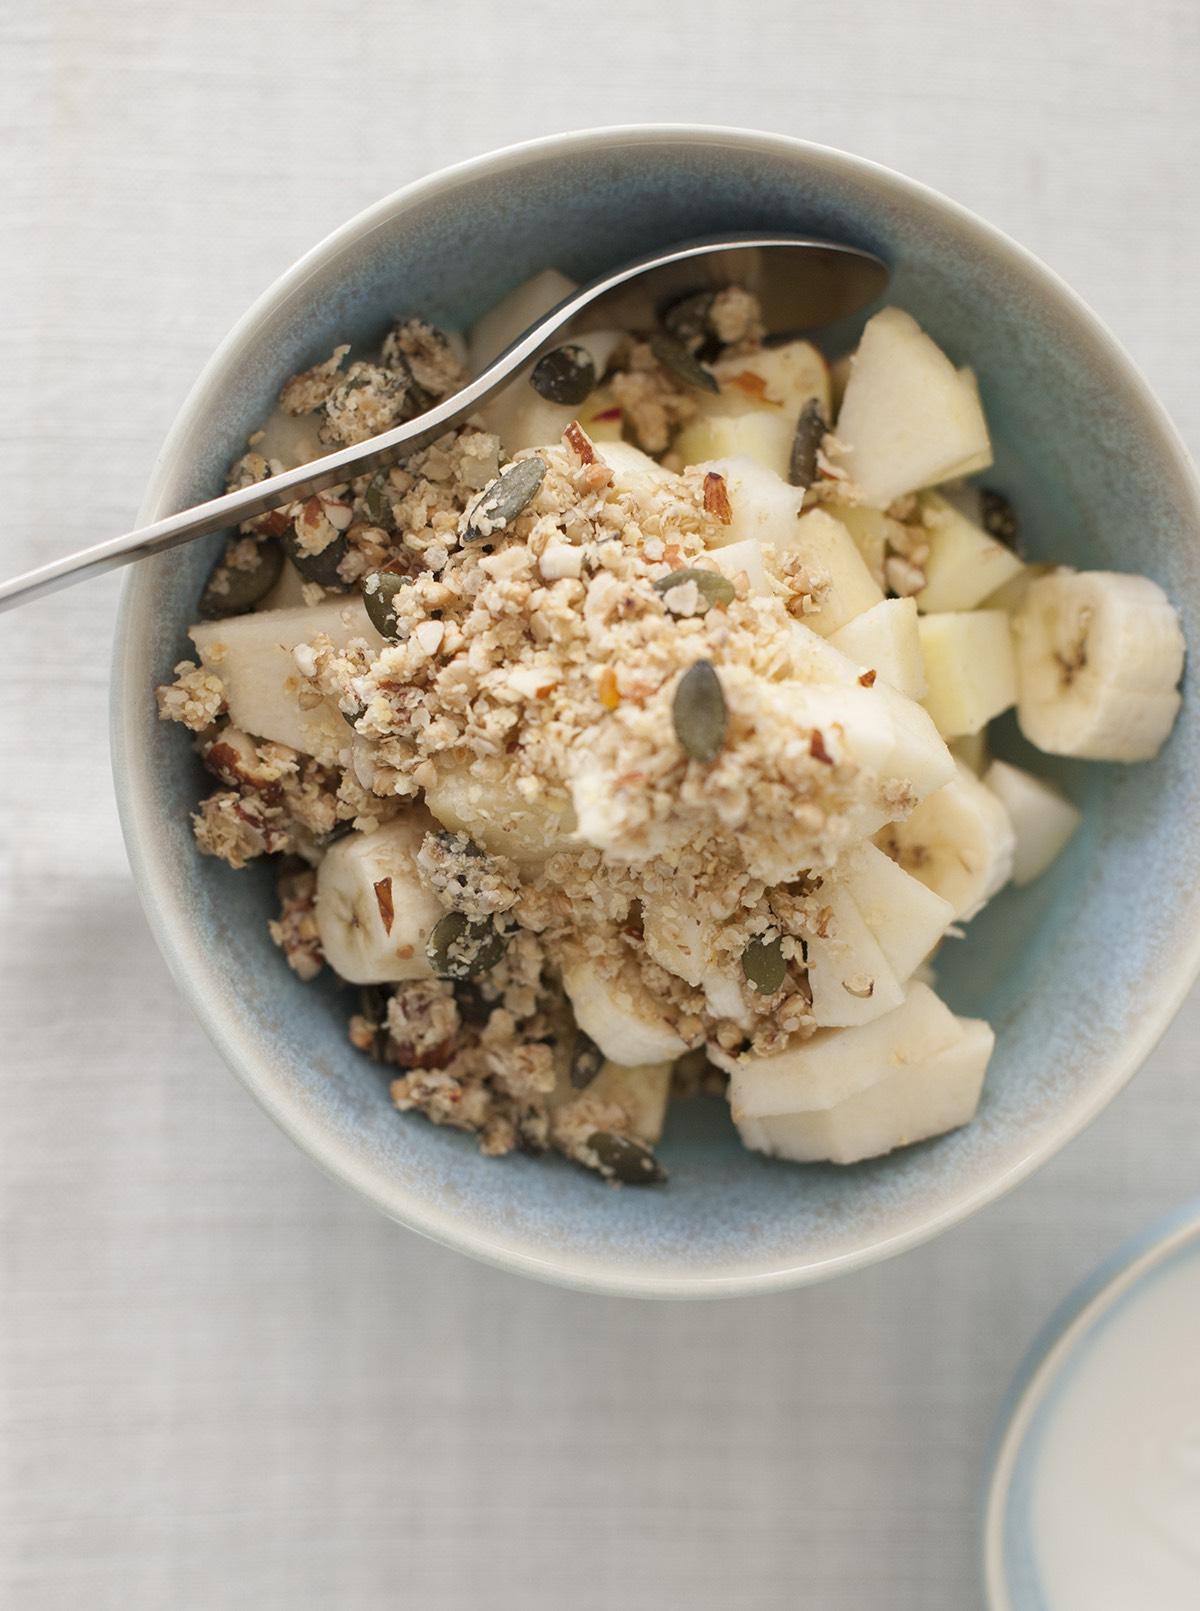 glutenfreies Muesli mit Aepfeln und Bananen